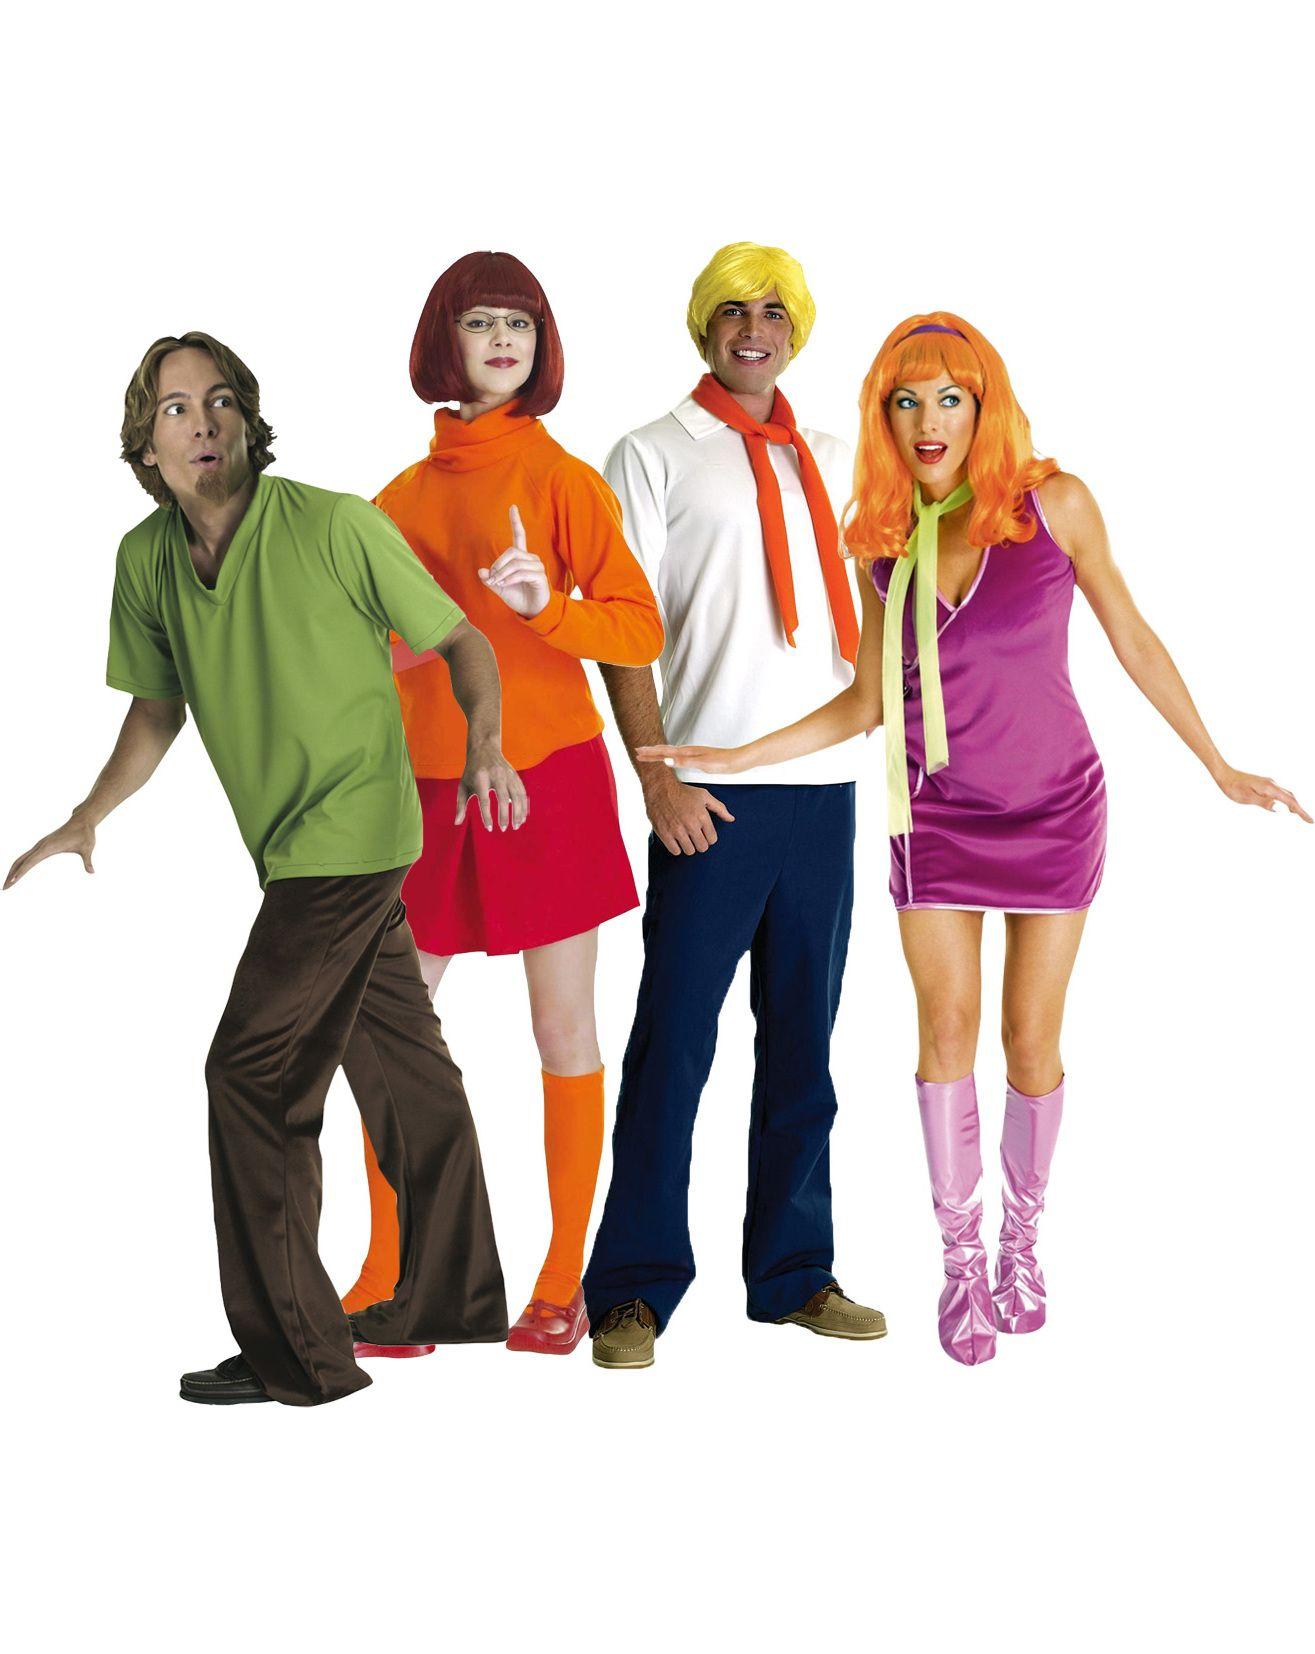 Scooby Doo Karneval Gruppenkostume In Verschiedenen Farben